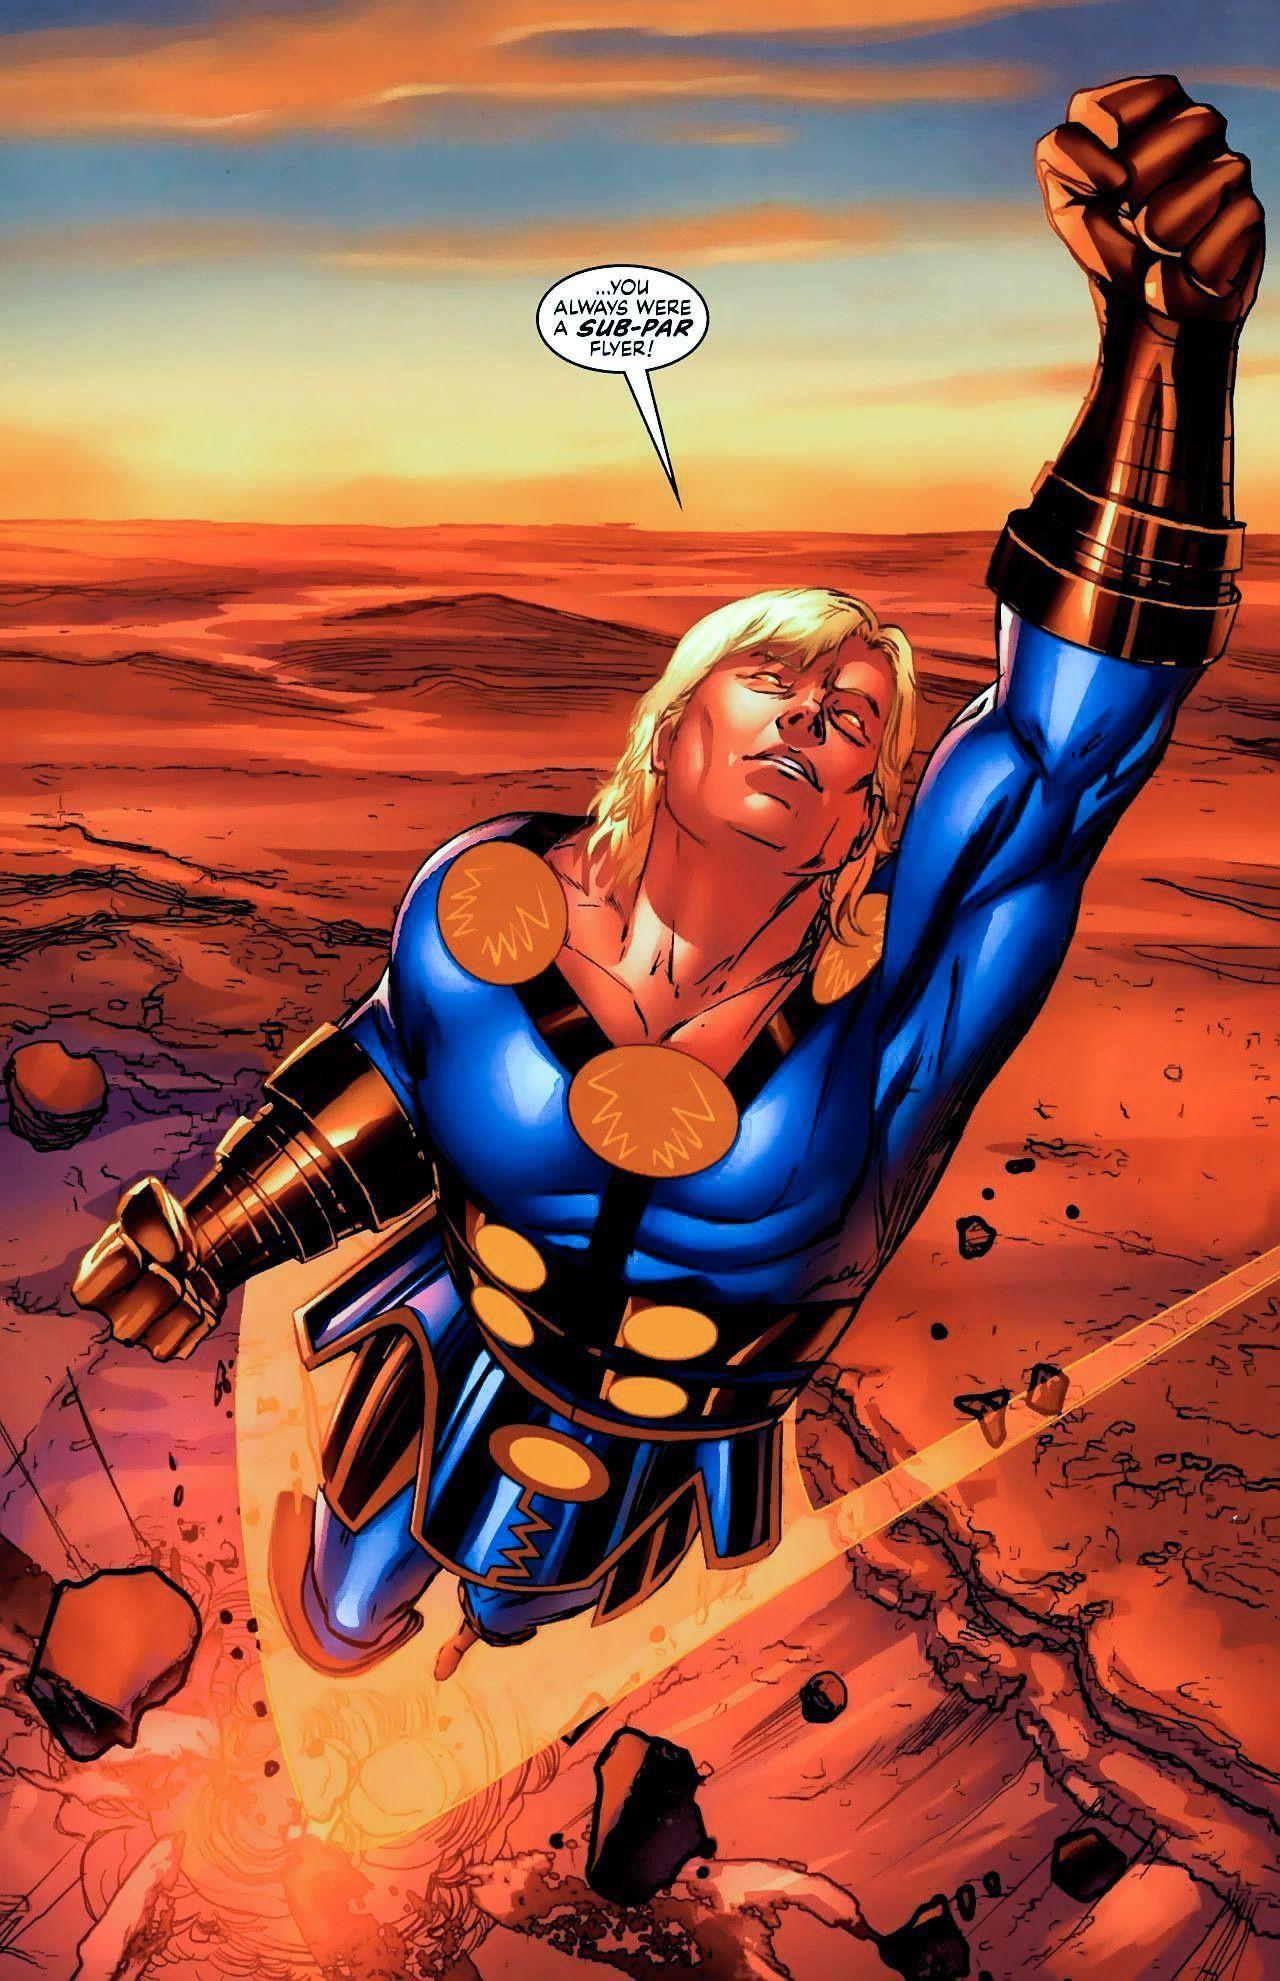 8 nhân vật bom tấn phase 4 The Eternals khiến Marvel bắt về nuôi bằng mọi giá - Ảnh 2.